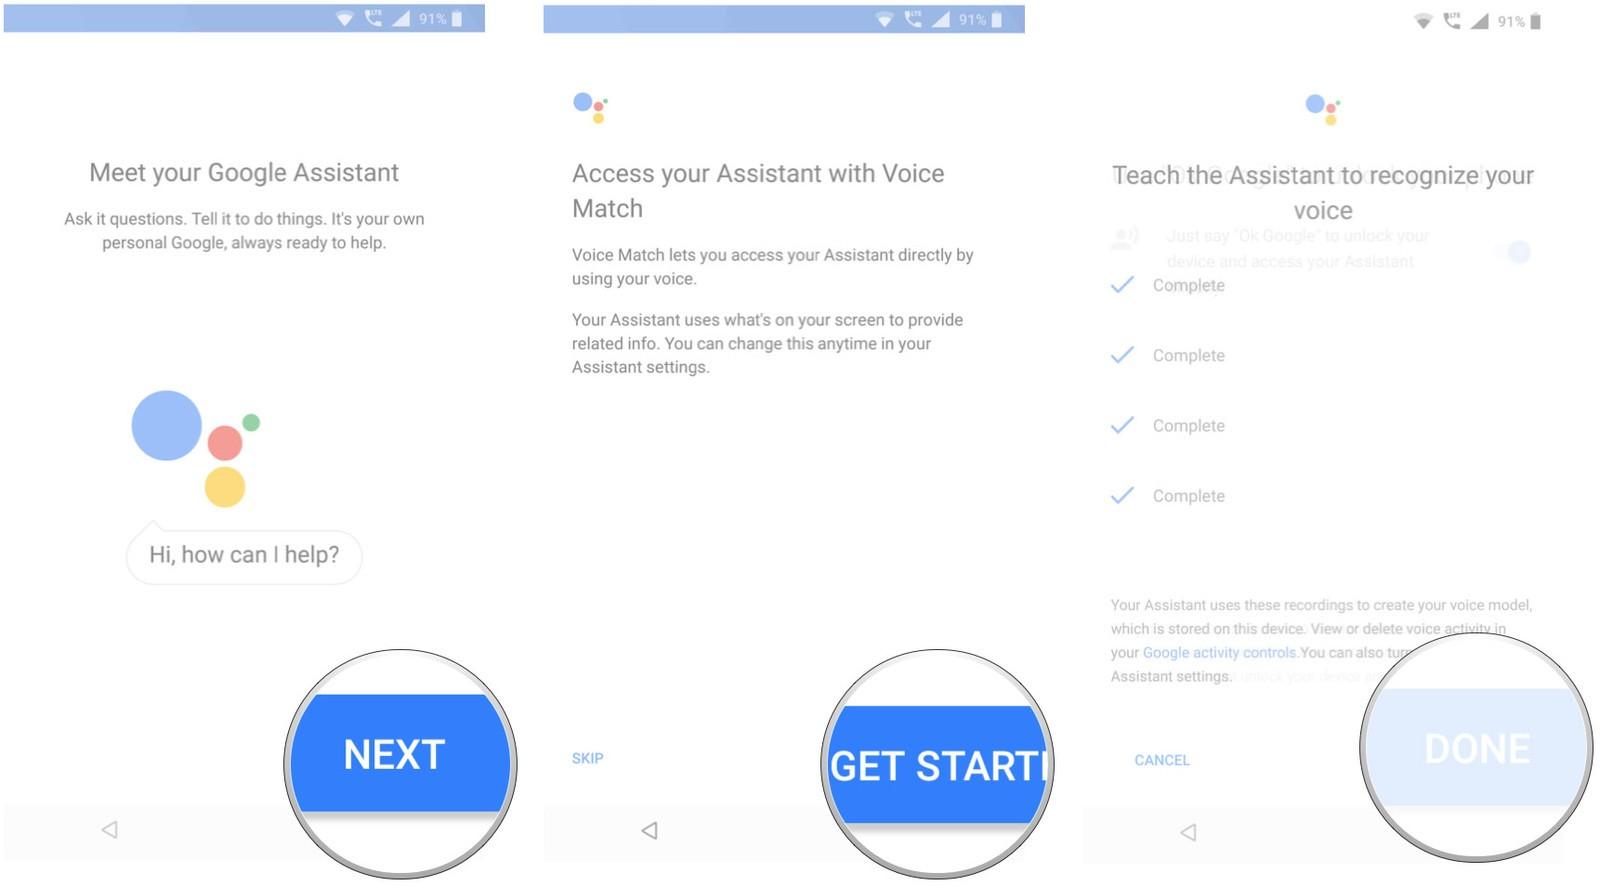 Как перенести ваши приложения и настройки на новый Android-смартфон - завершаем настройку